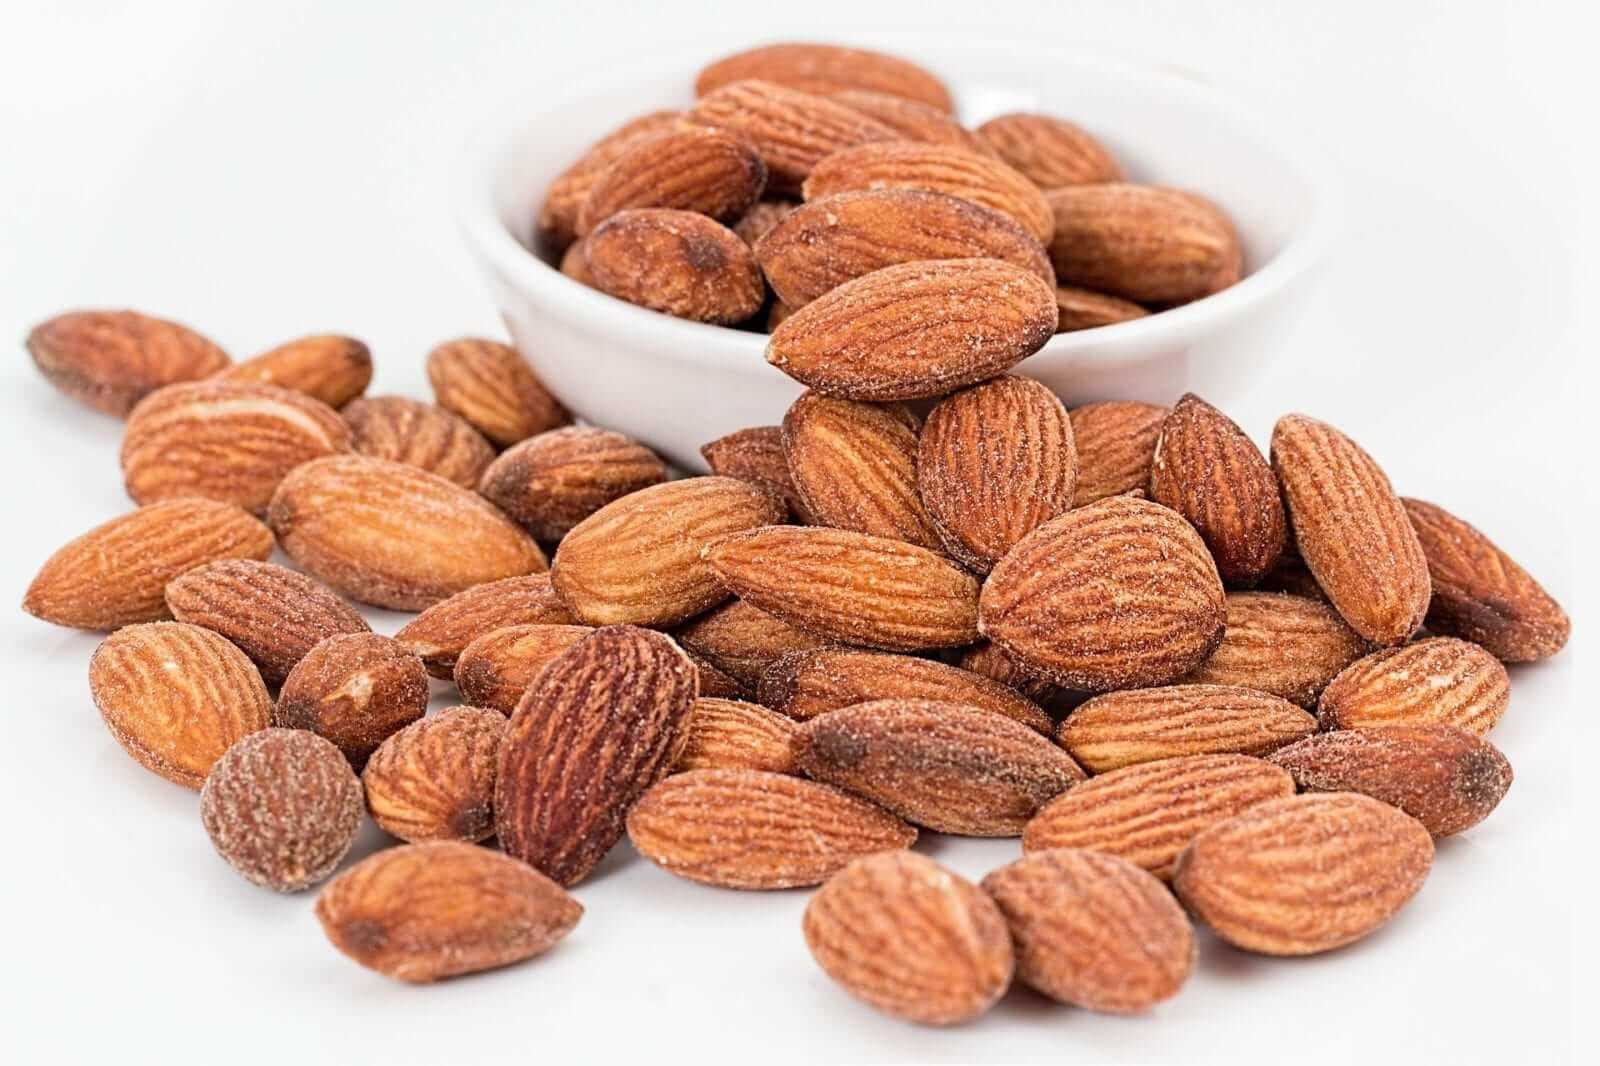 kalziumreiche Getreide, Nüsse und Samen